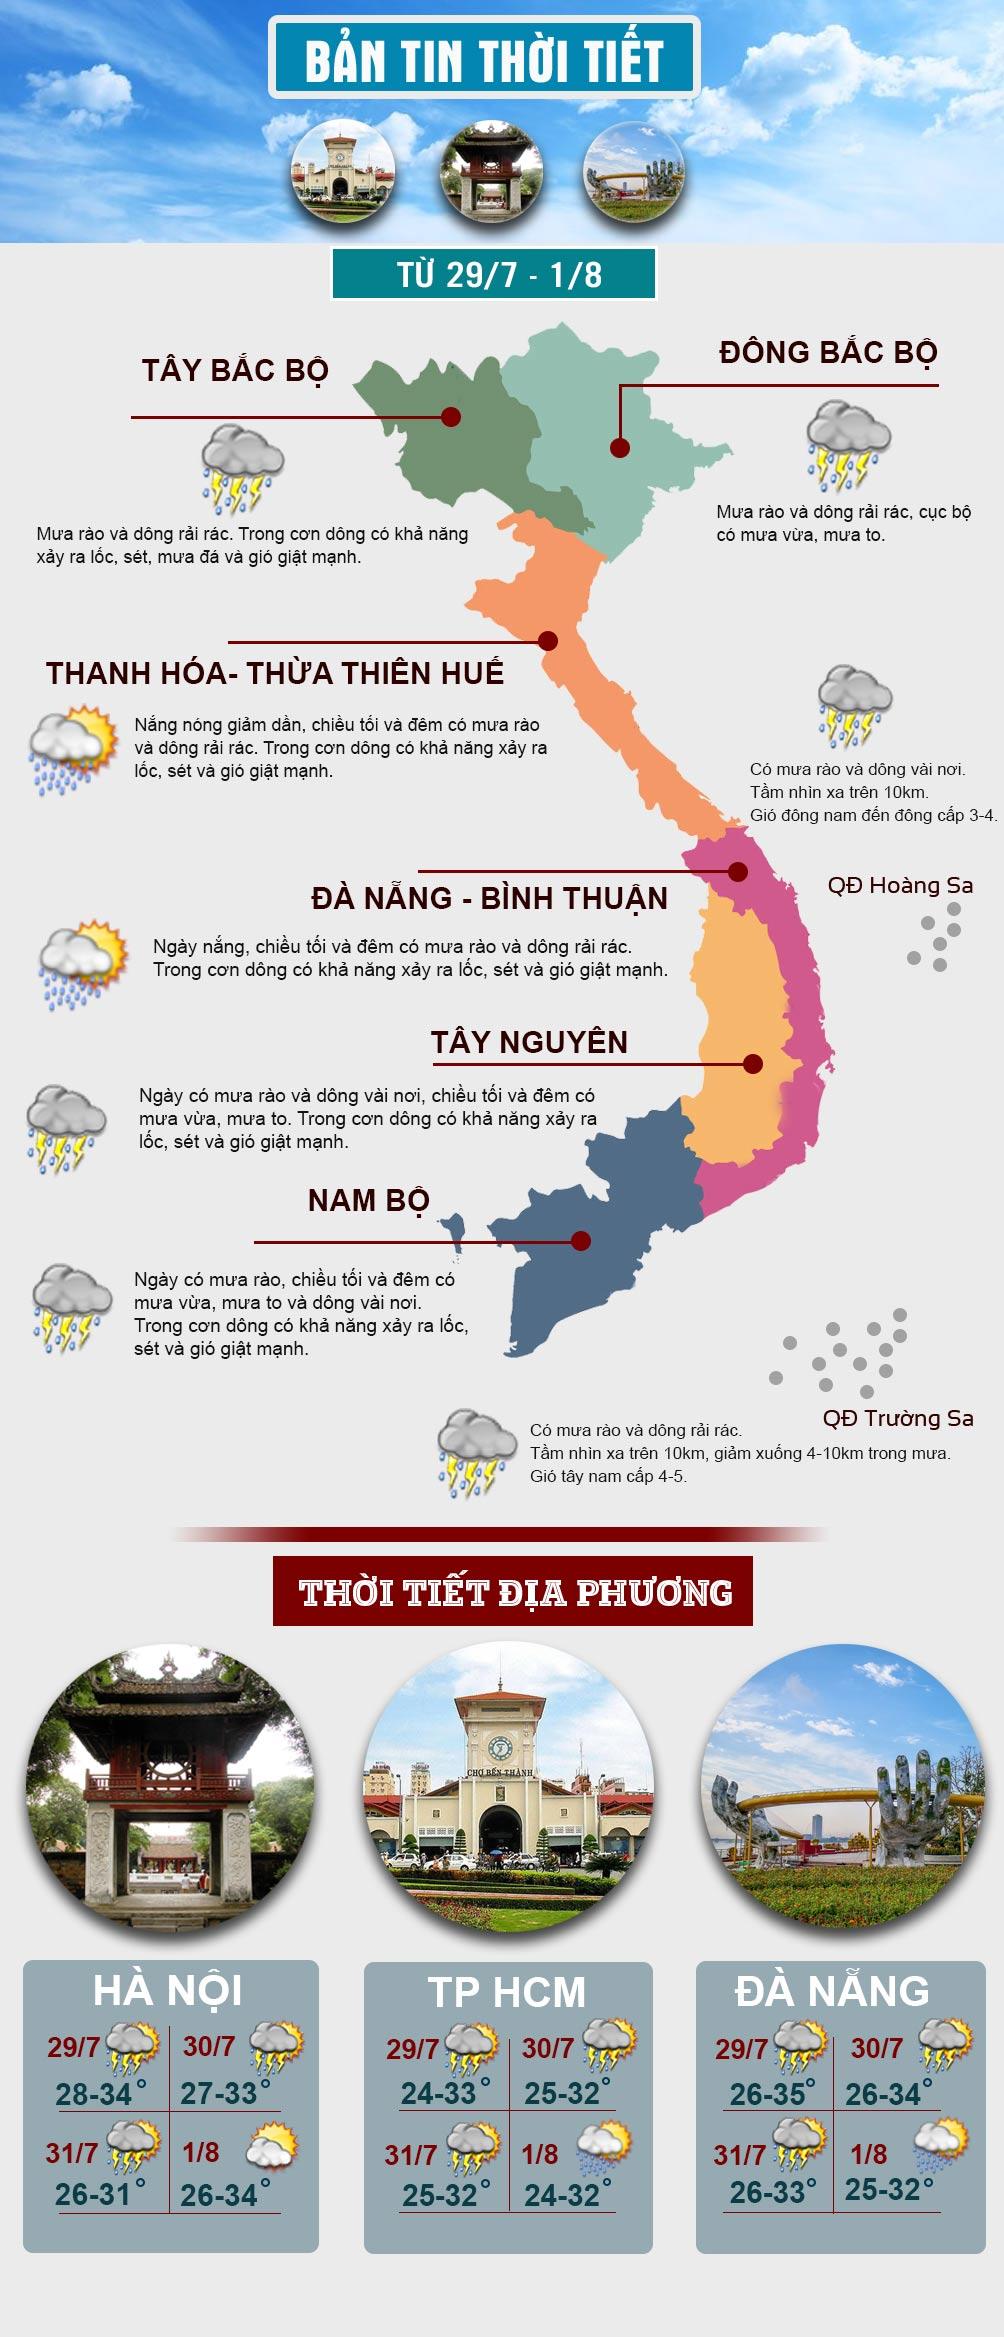 Miền Bắc mưa lớn diện rộng, miền Trung chấm dứt nắng nóng kéo dài - 1